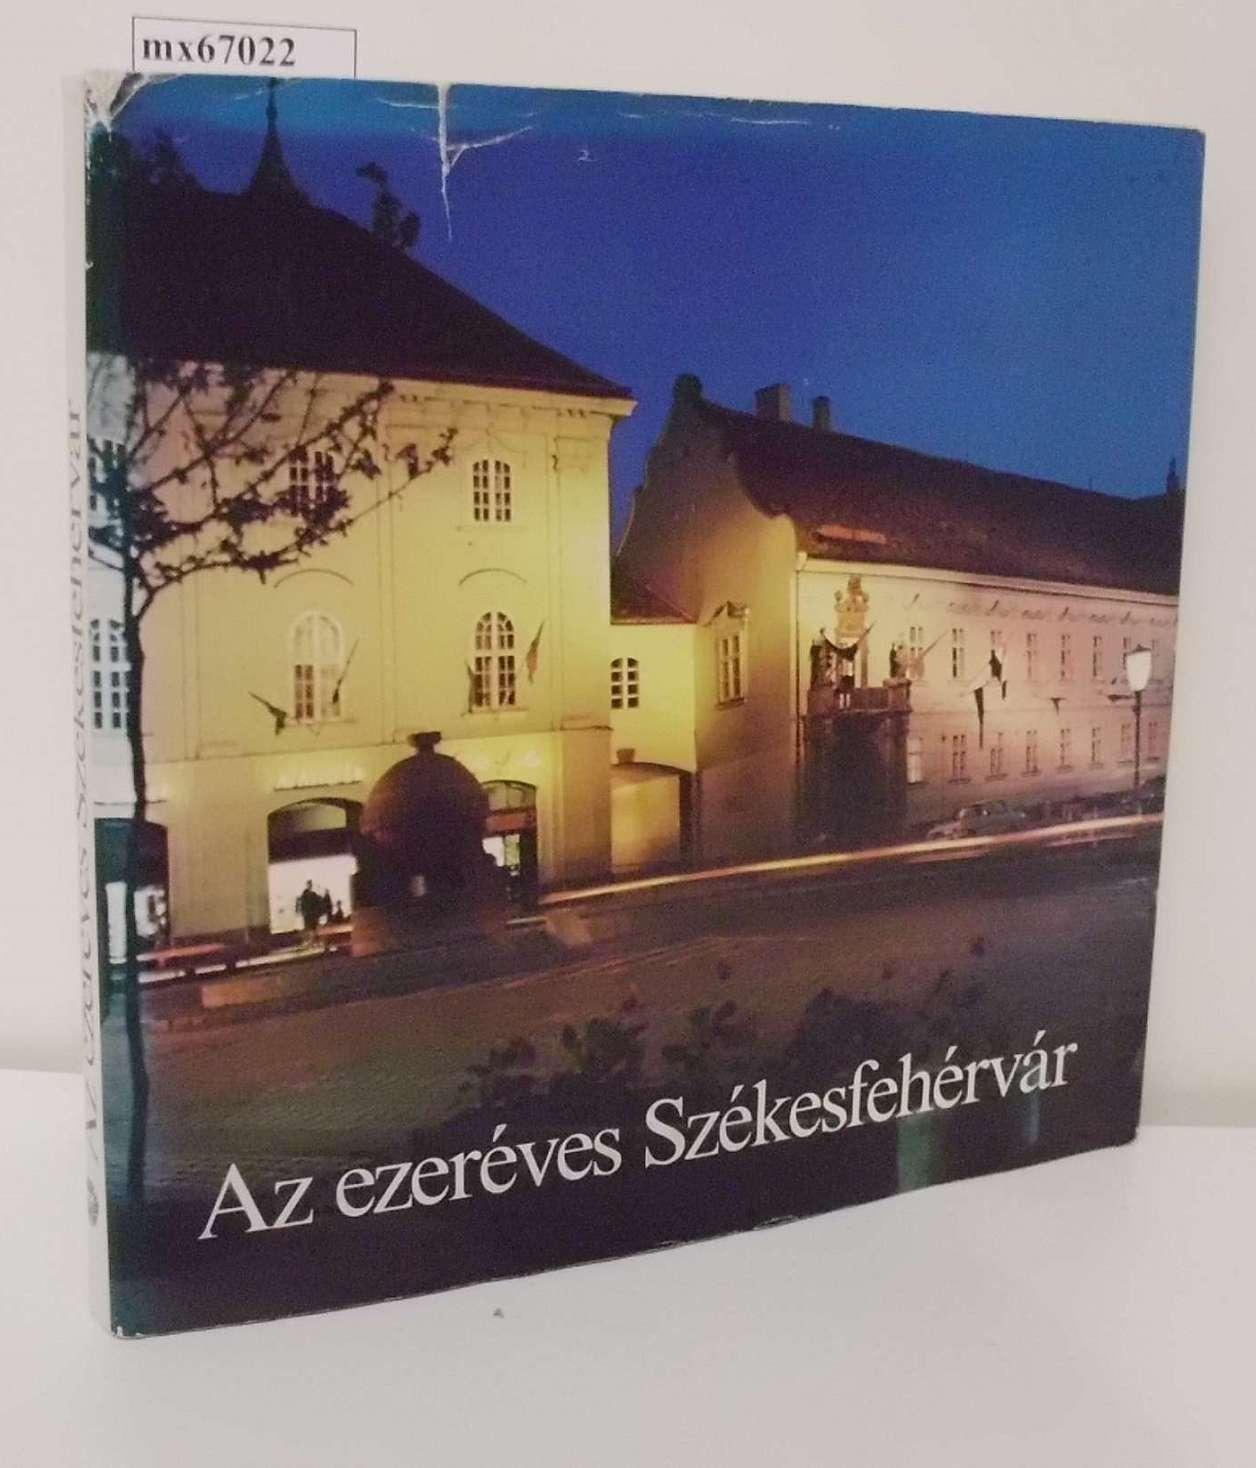 Az ezerèves Szèkesfehèrvàr Die tausendjährige Stadt Szèkesfehèrvàr